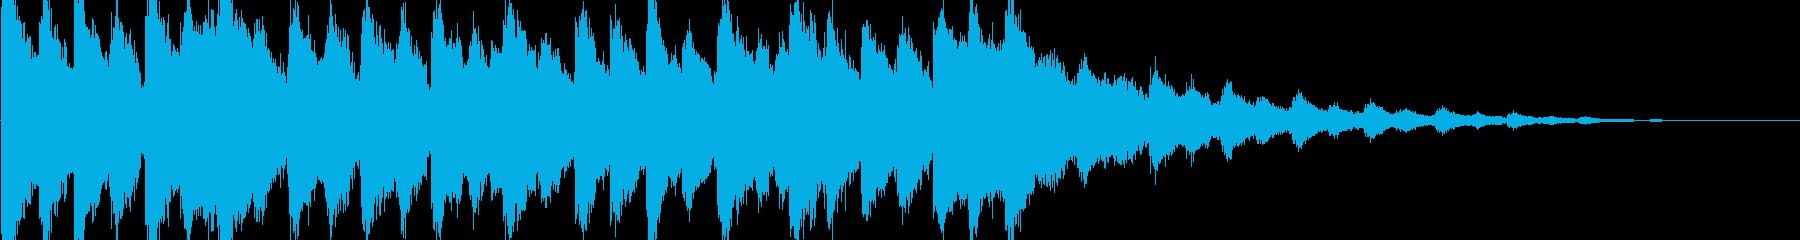 クリスマスジングルの再生済みの波形